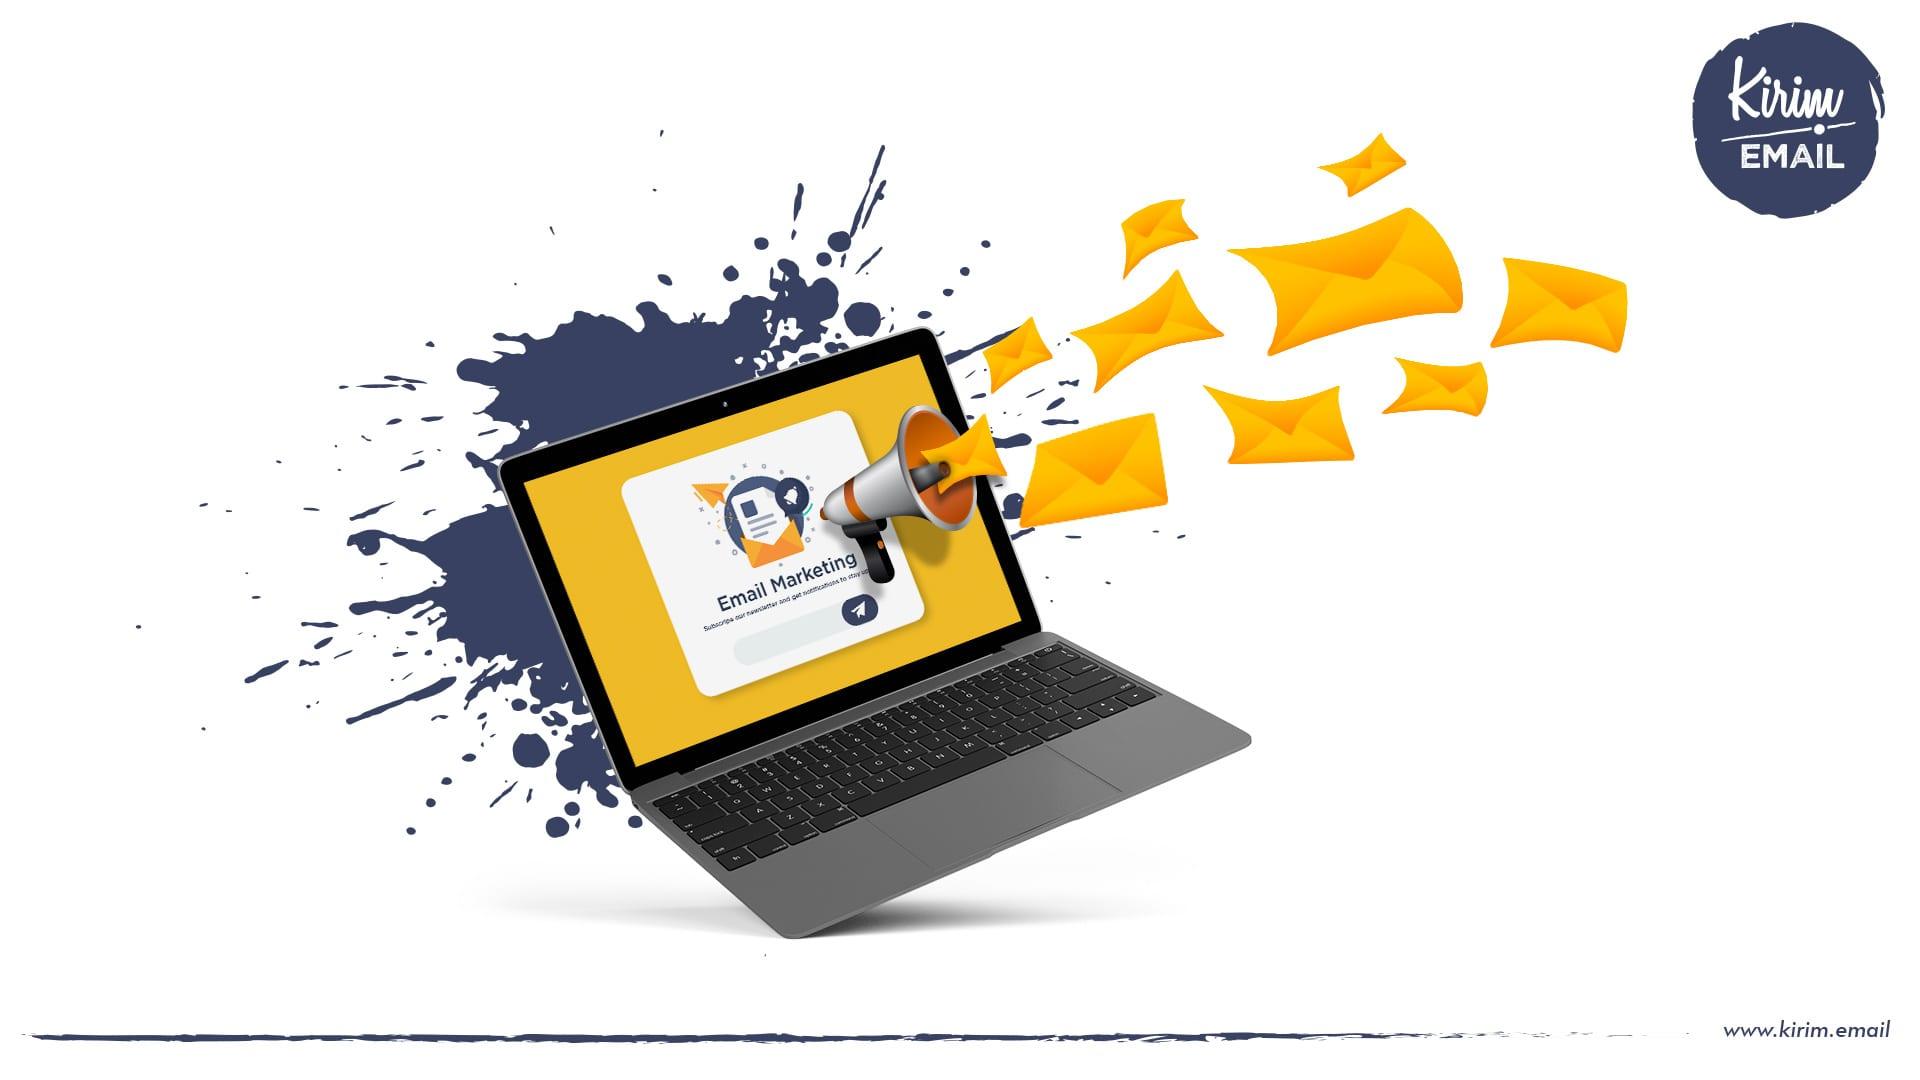 Panduan Menentukan Nama dan Alamat Email Untuk Perusahaan - 1